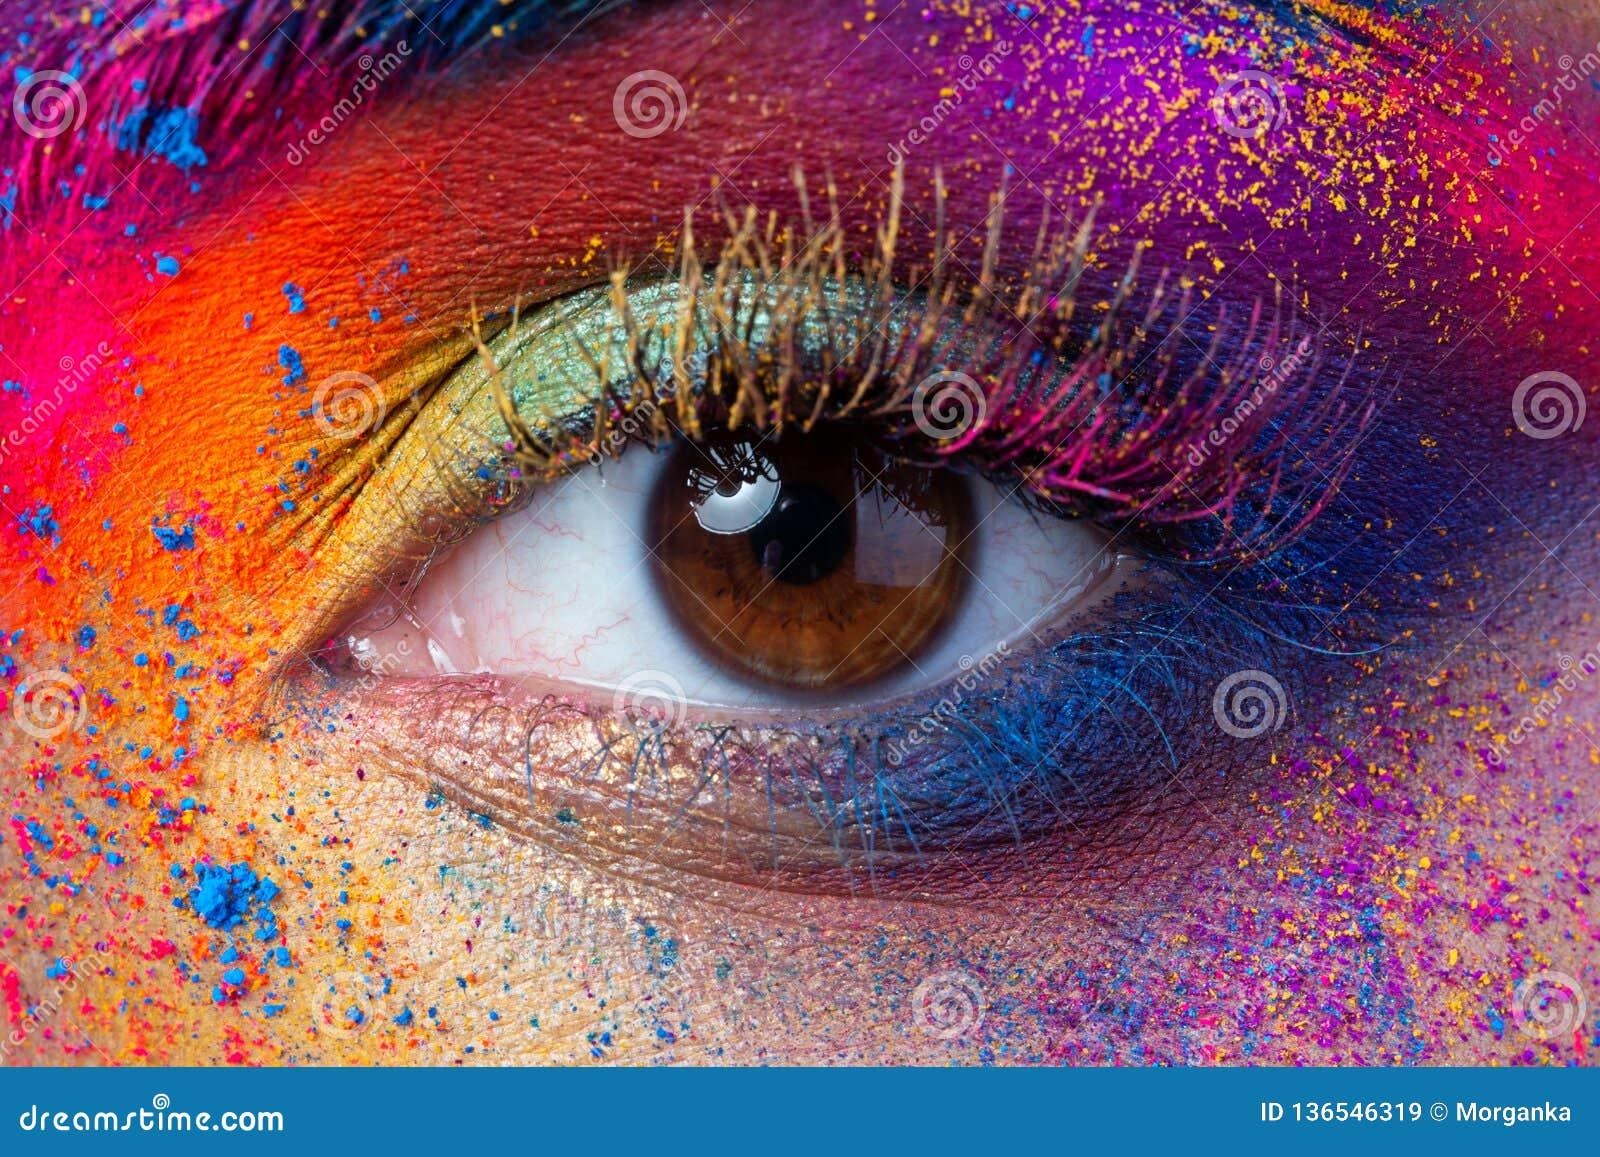 Κλείστε επάνω την άποψη του θηλυκού ματιού με φωτεινό πολύχρωμο mak μόδας